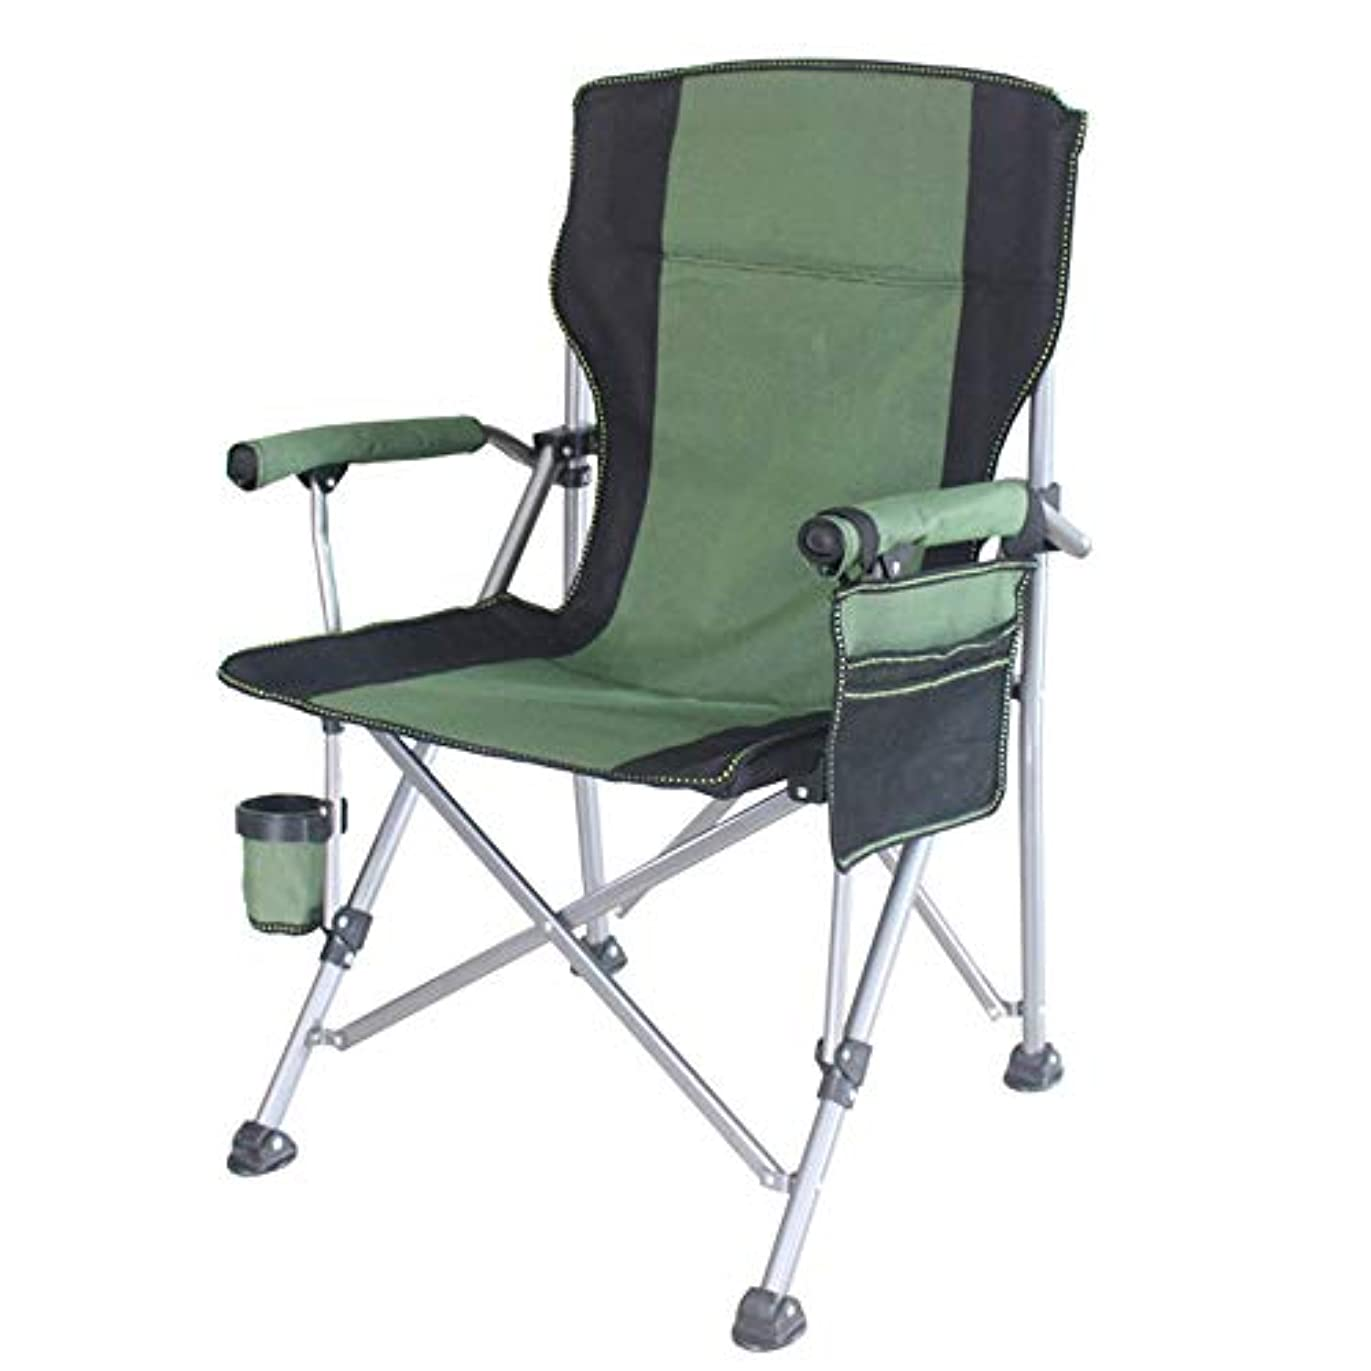 ジョセフバンクス例外内側屋外 ビーチ 椅子、シンプル 折りたたみ 釣り椅子、オフィス 昼休み用椅子、ポータブル キャンプ ホームチェア